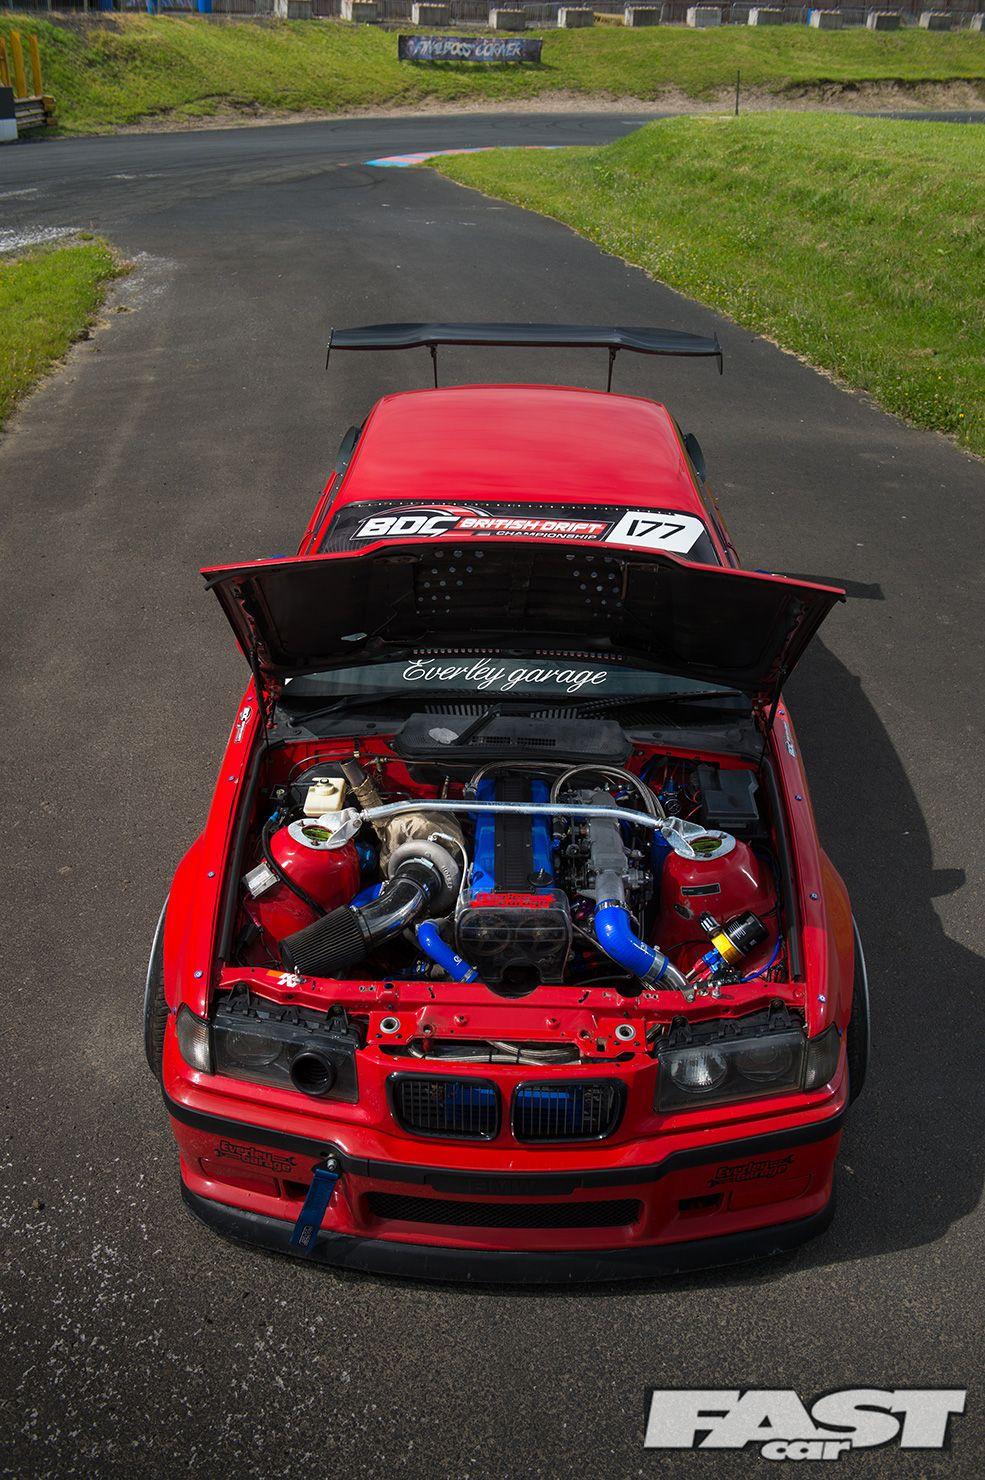 Bmw E36 Toyota Jz Bdc Drift Car Bmw E36 Project Bmw